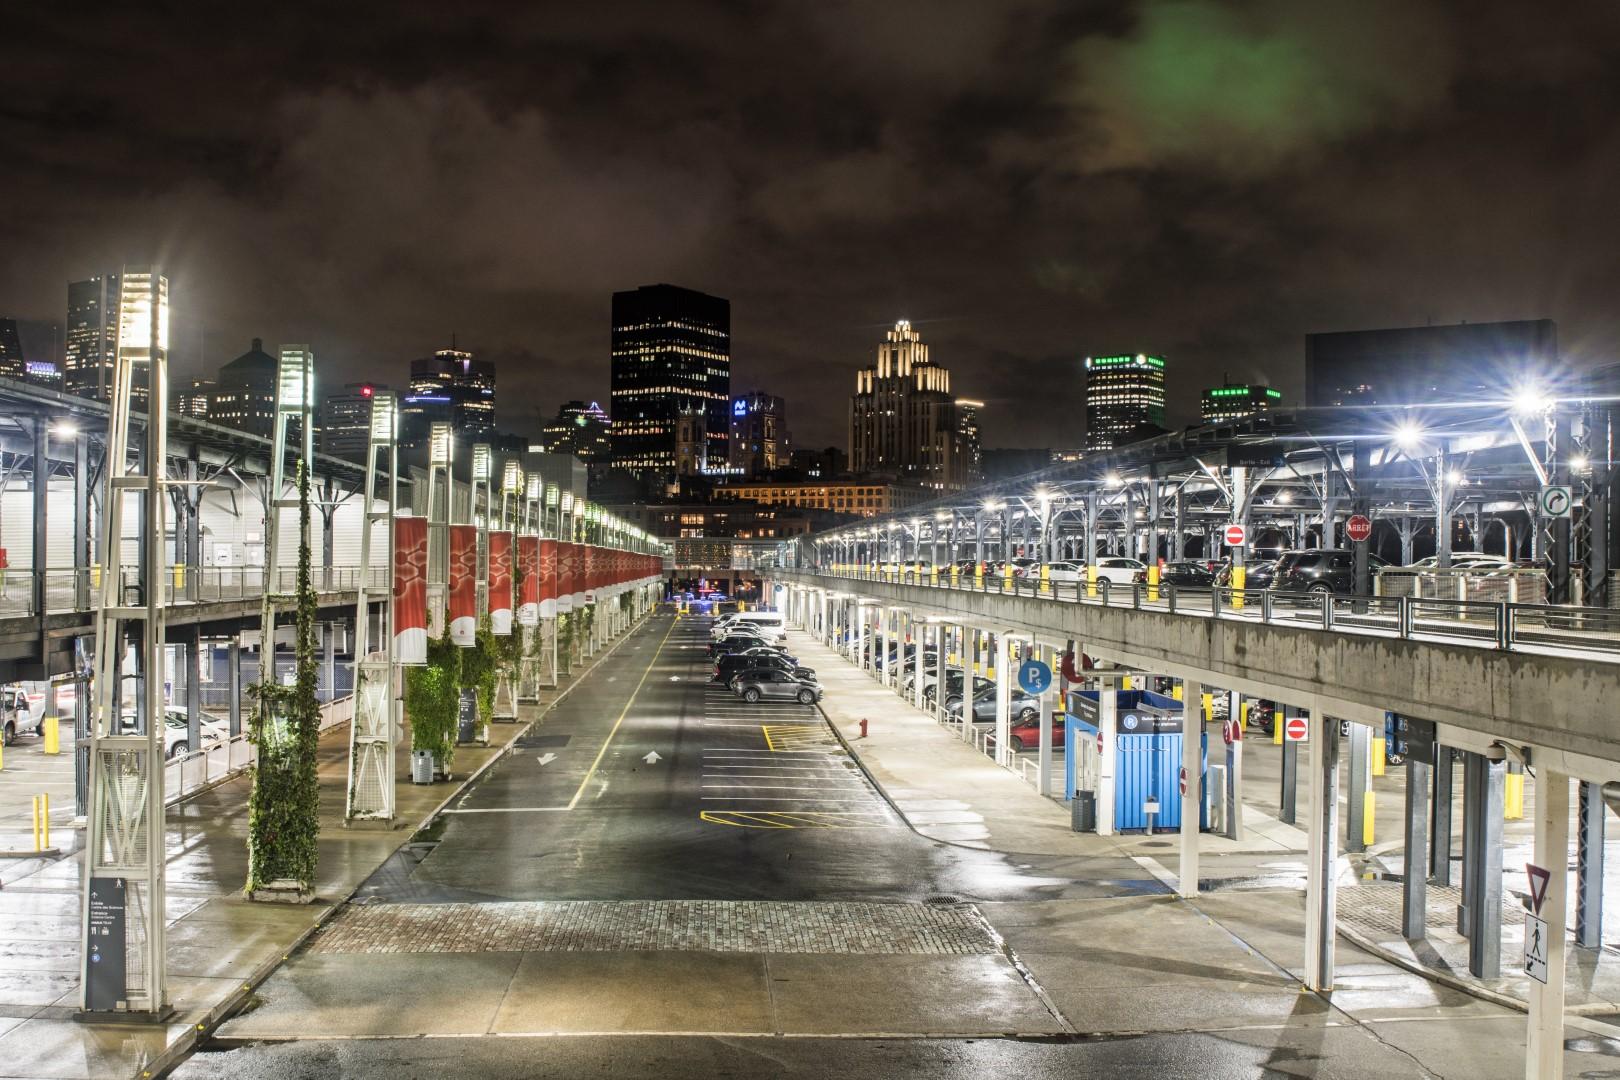 Vieux port la nuit de Claude Gagnon